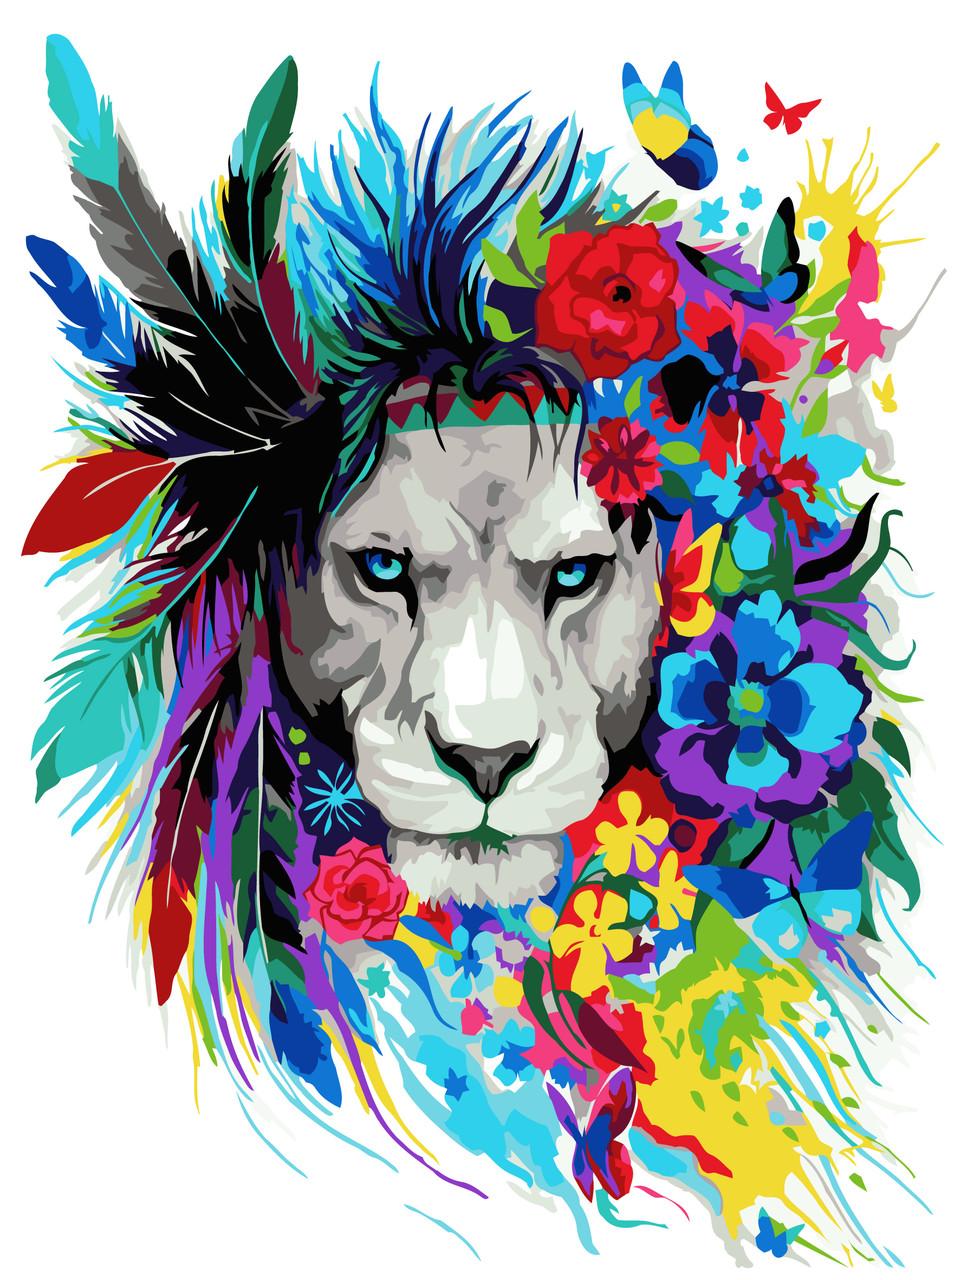 Рисование по номерам Идейка Волшебный лев (KHO2483) 40 х 50 см (без коробки)